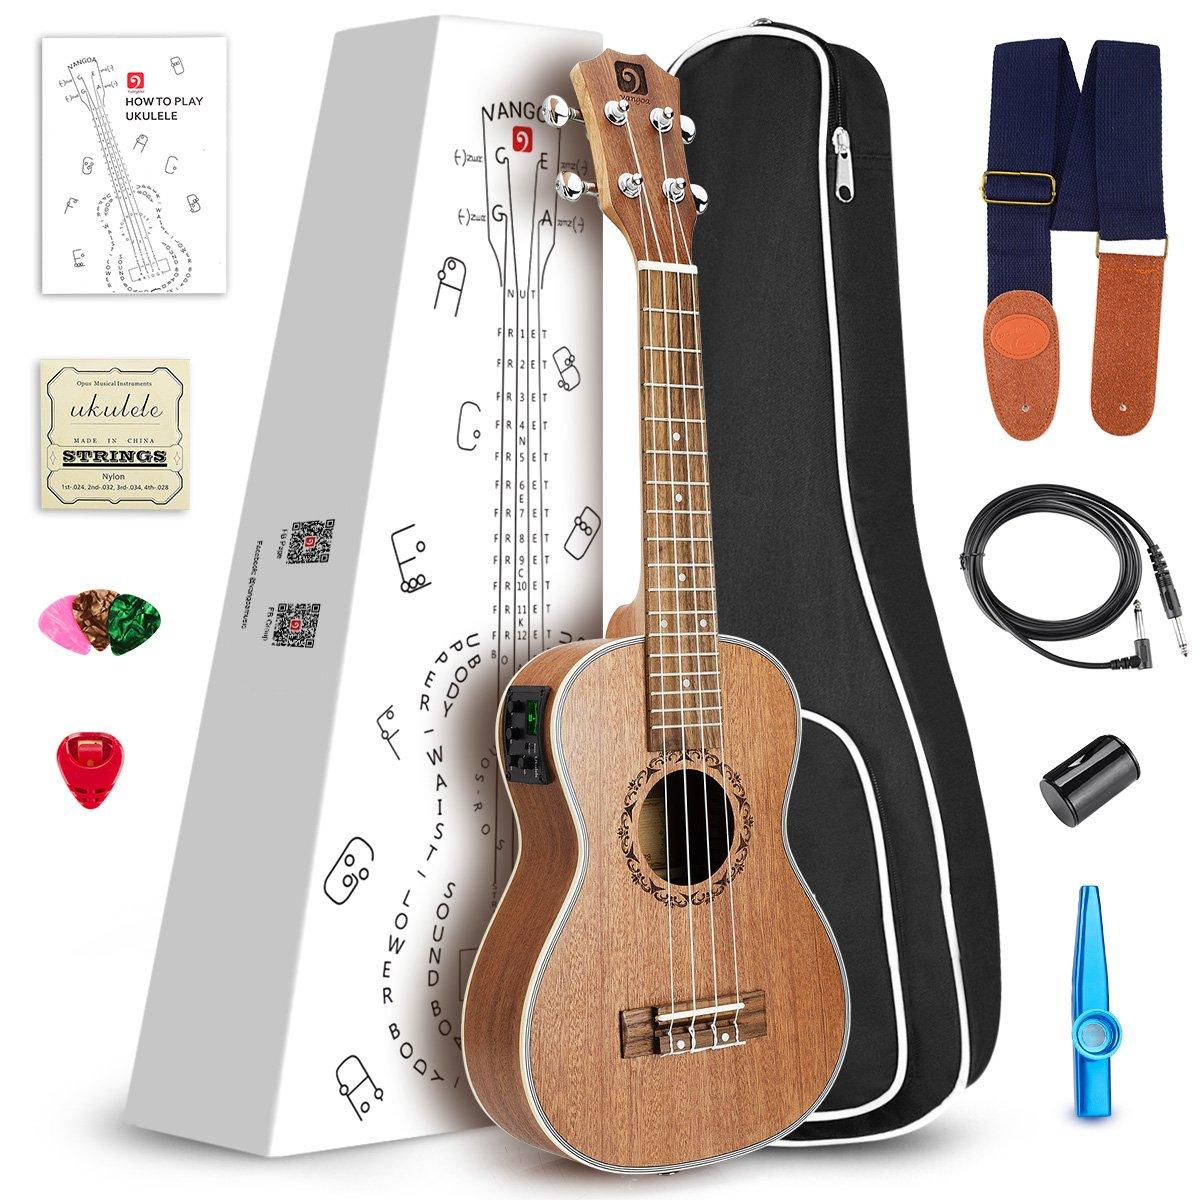 WinnerEco 3Pcs Metal Guitar Banjo Ukulele Guitar Finger Picks and 1Pcs Thumb Pick Plectrums